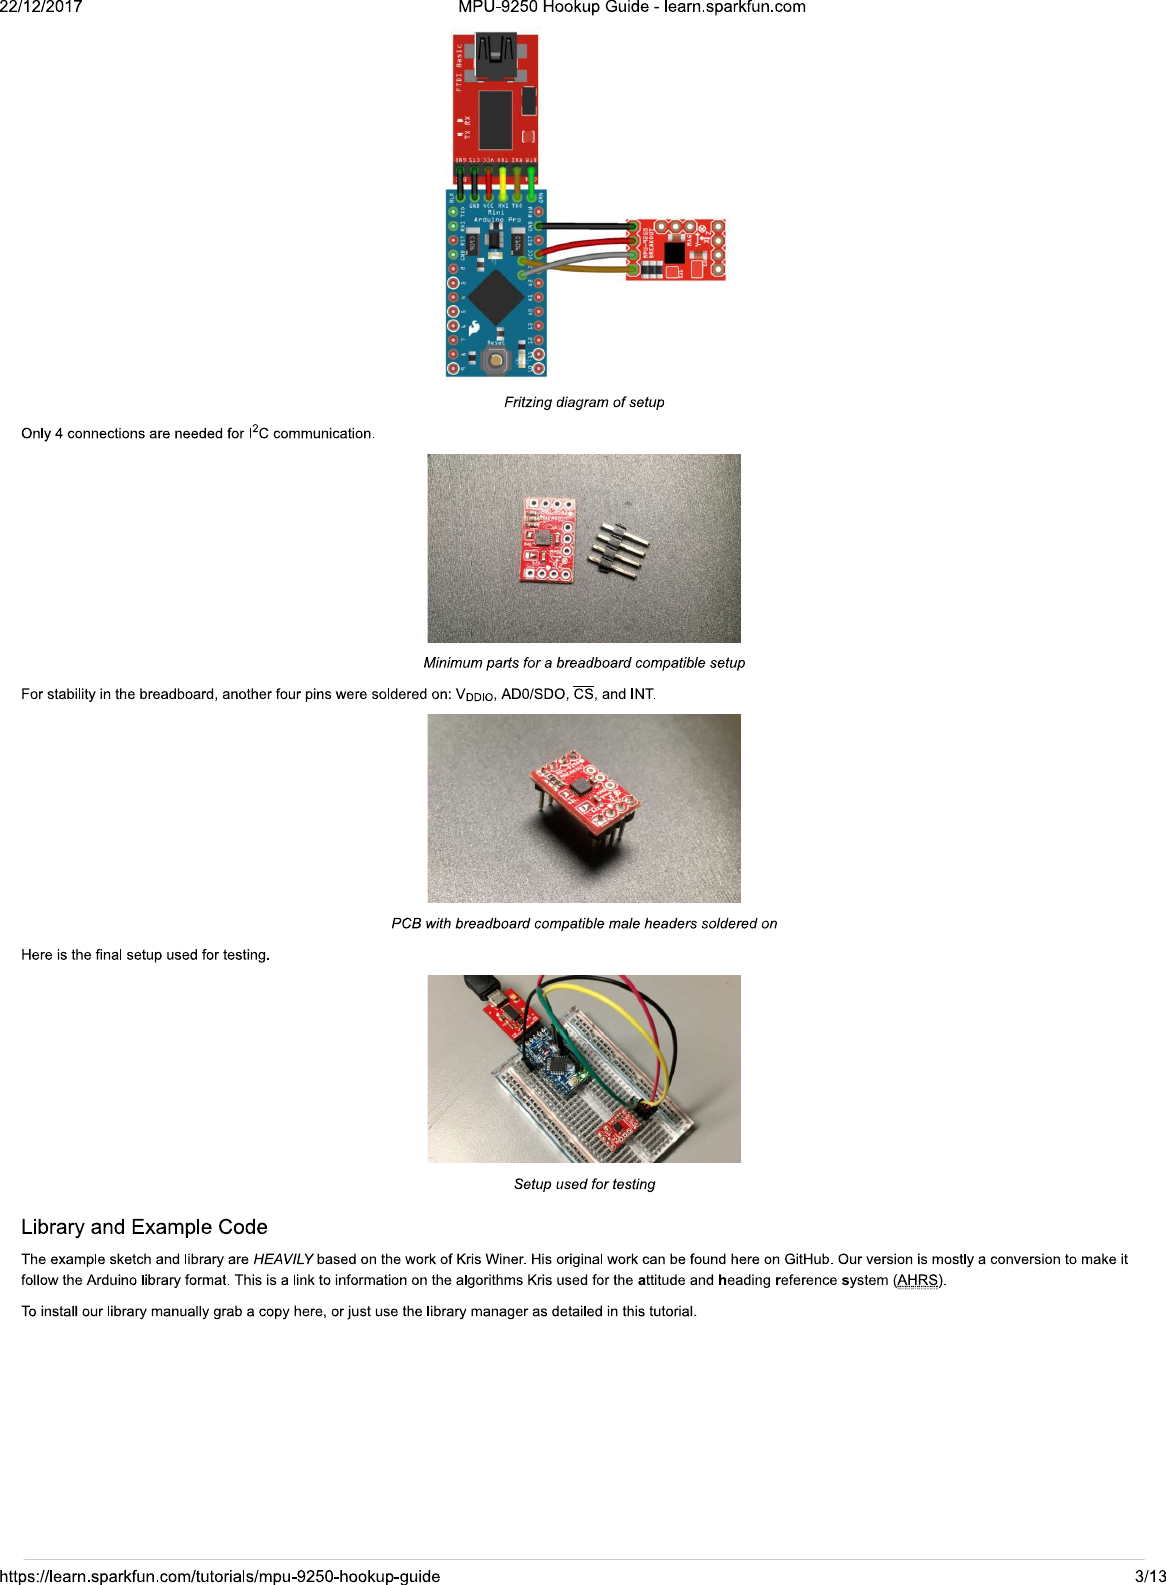 MPU 9250 Hookup Guide Learn sparkfun com